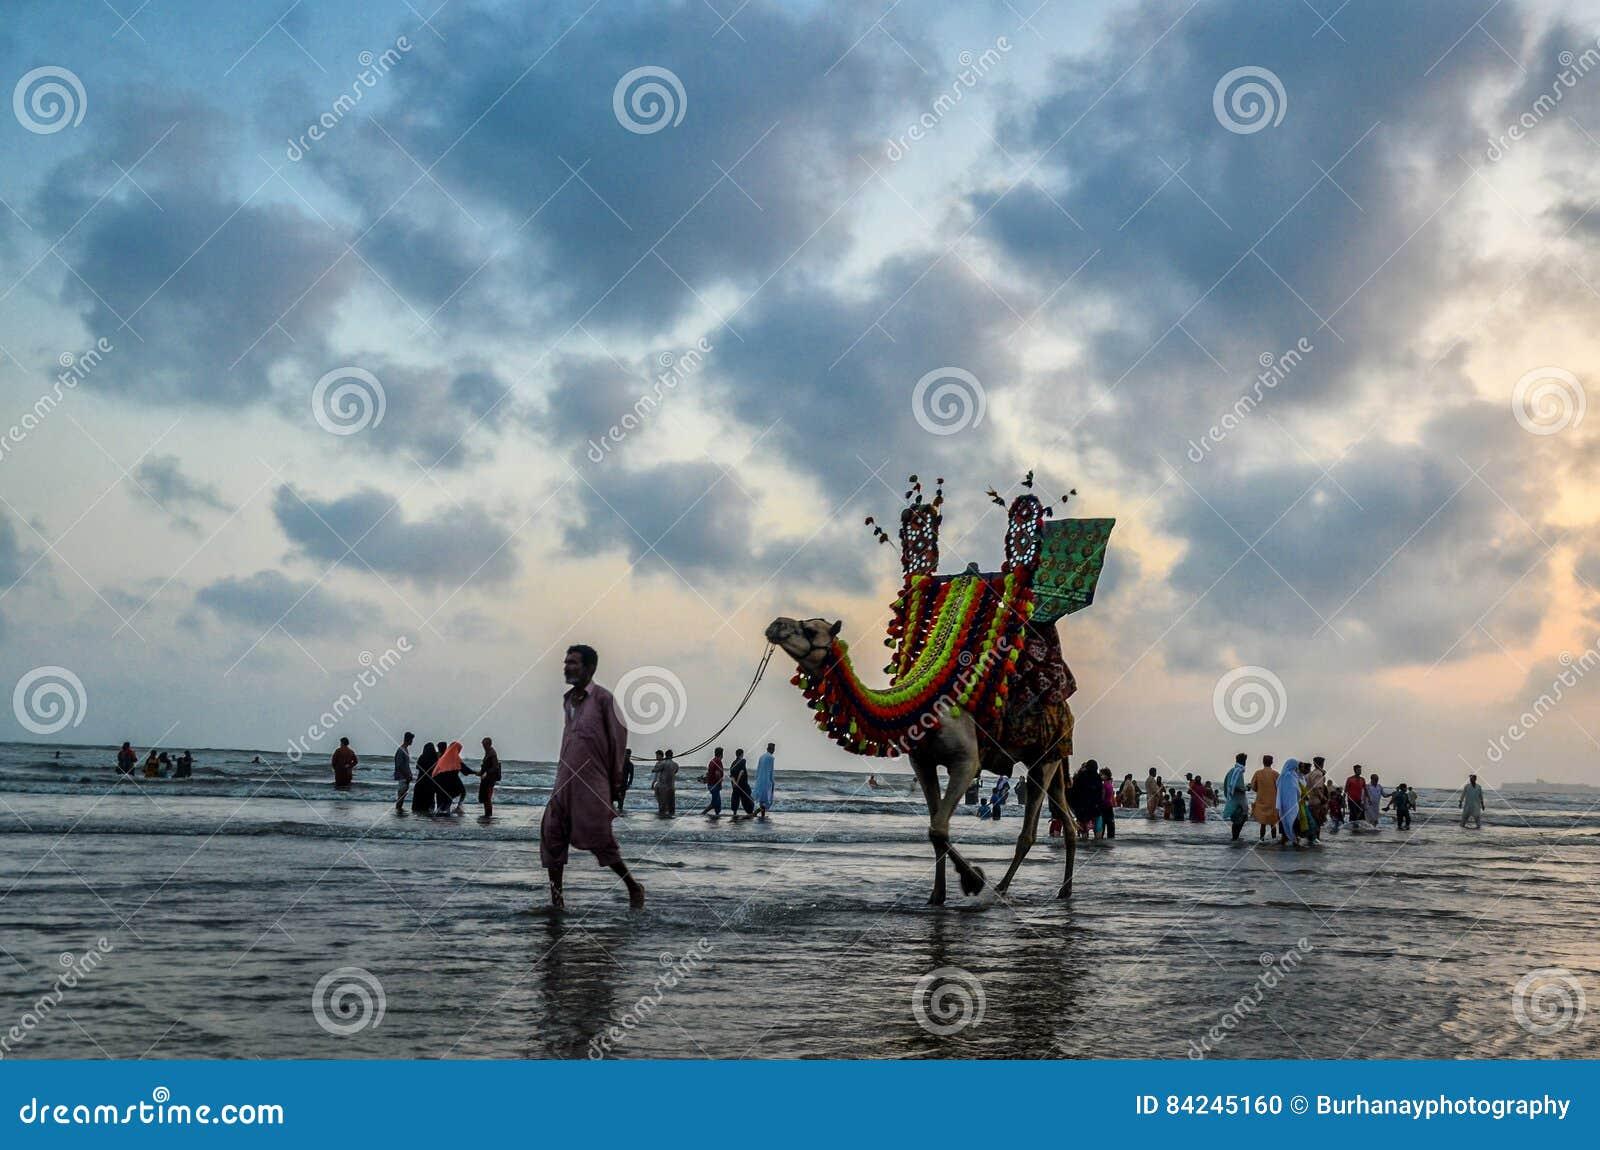 Clifton Beach Karachi Pakistan Editorial Image - Image of